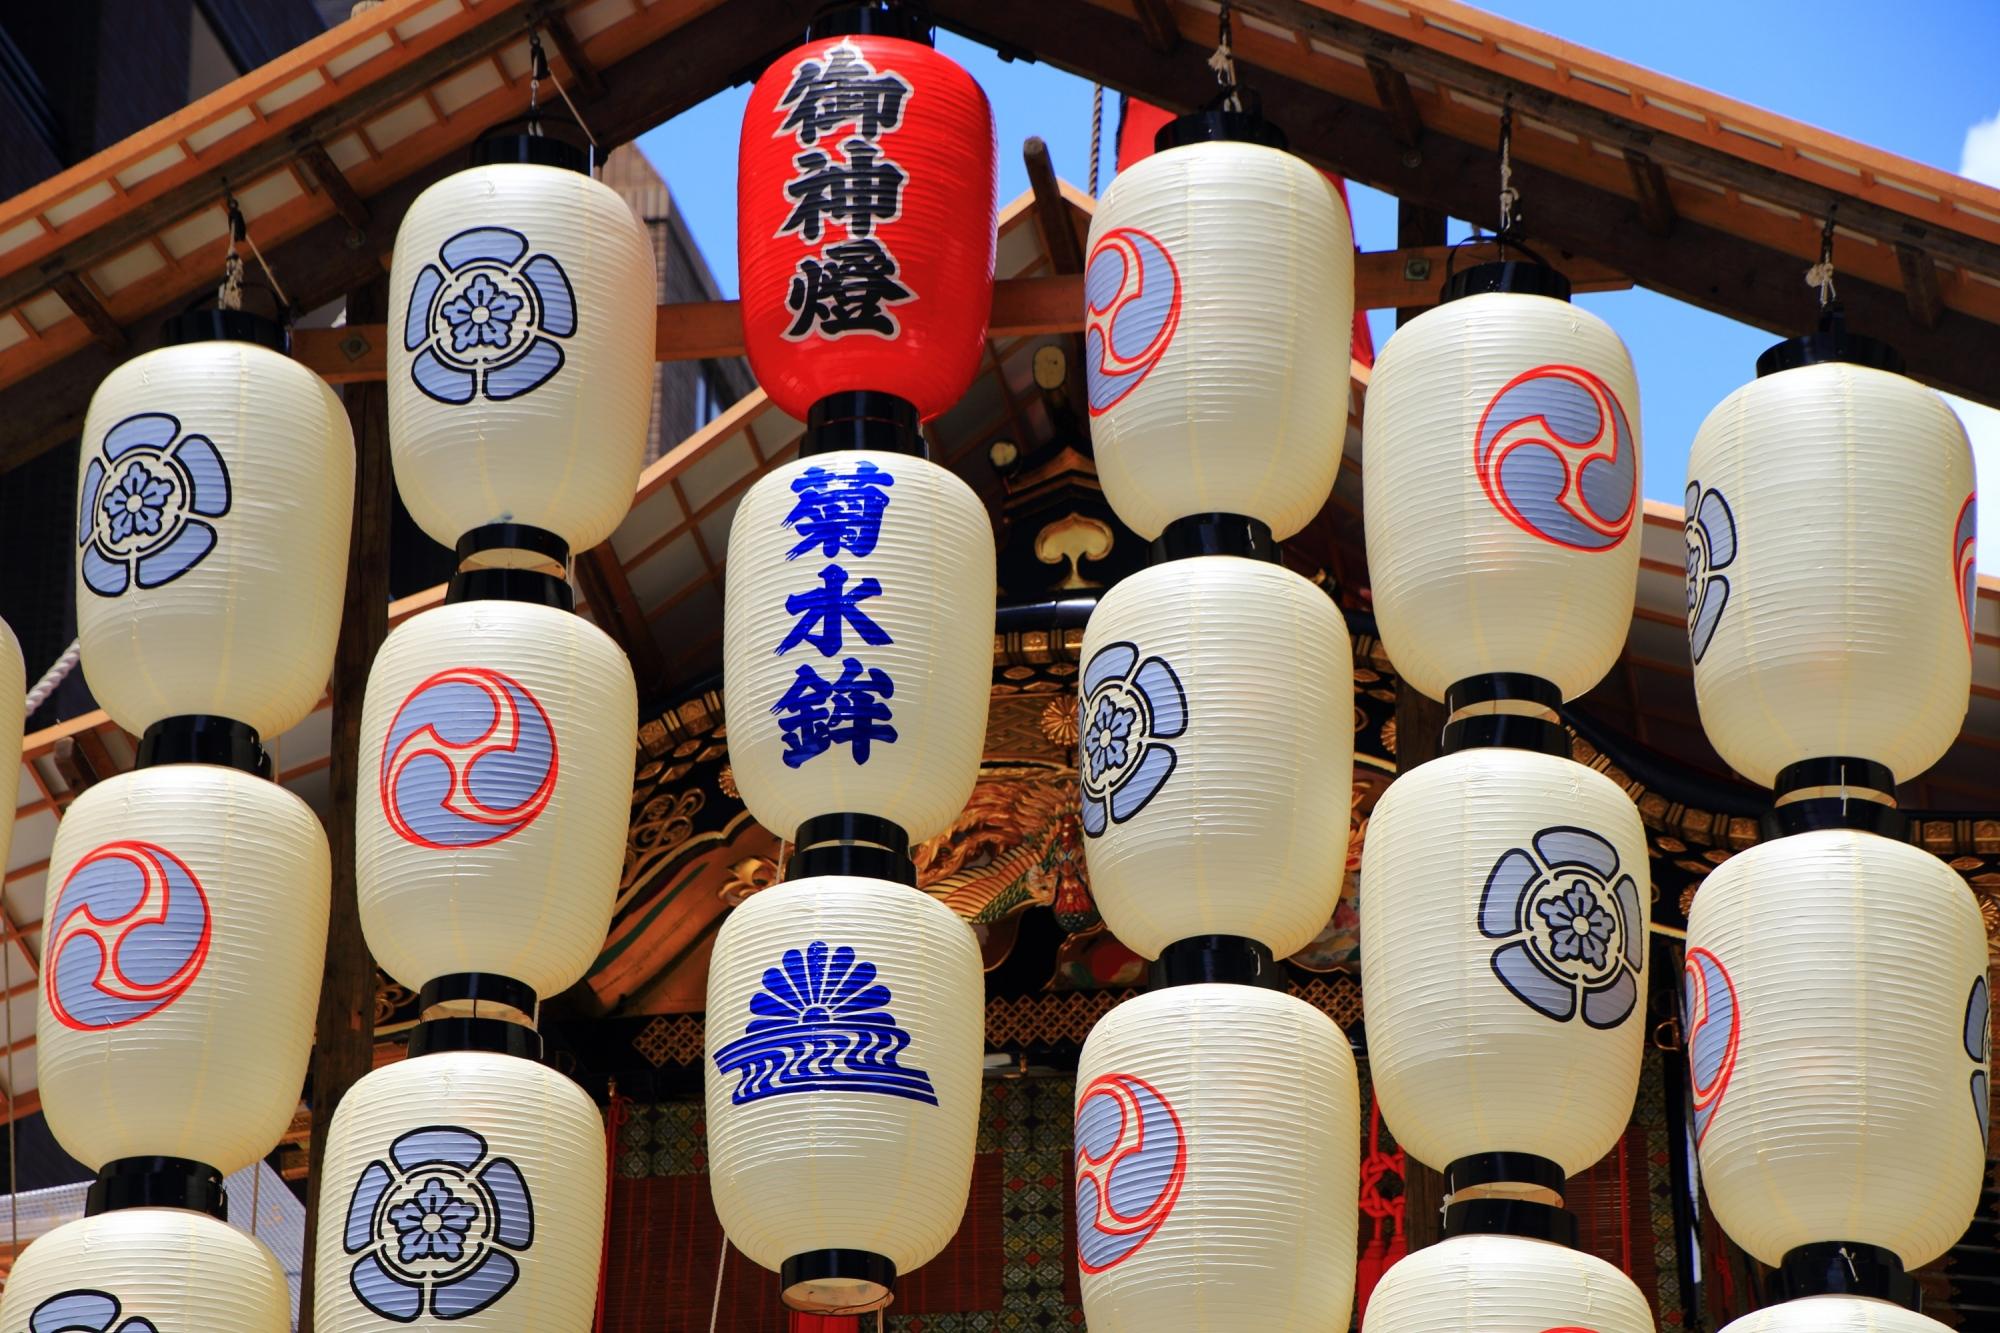 夏の風物詩の祇園祭の菊水鉾の駒形提灯